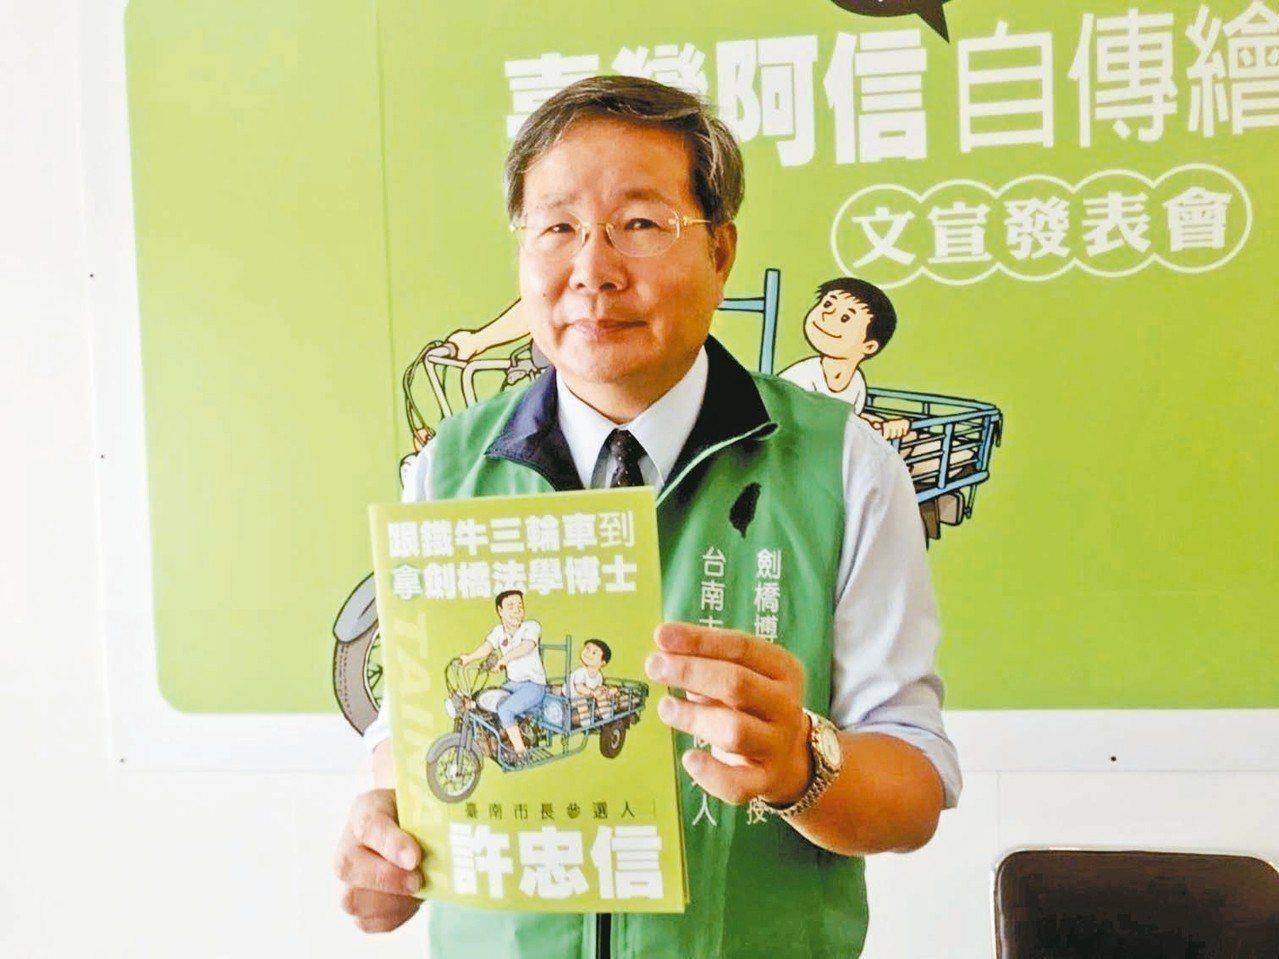 地方傳出獨派許忠信可能參選台南市第二選區立委補選,但他表示目前沒有考慮。 圖/聯...